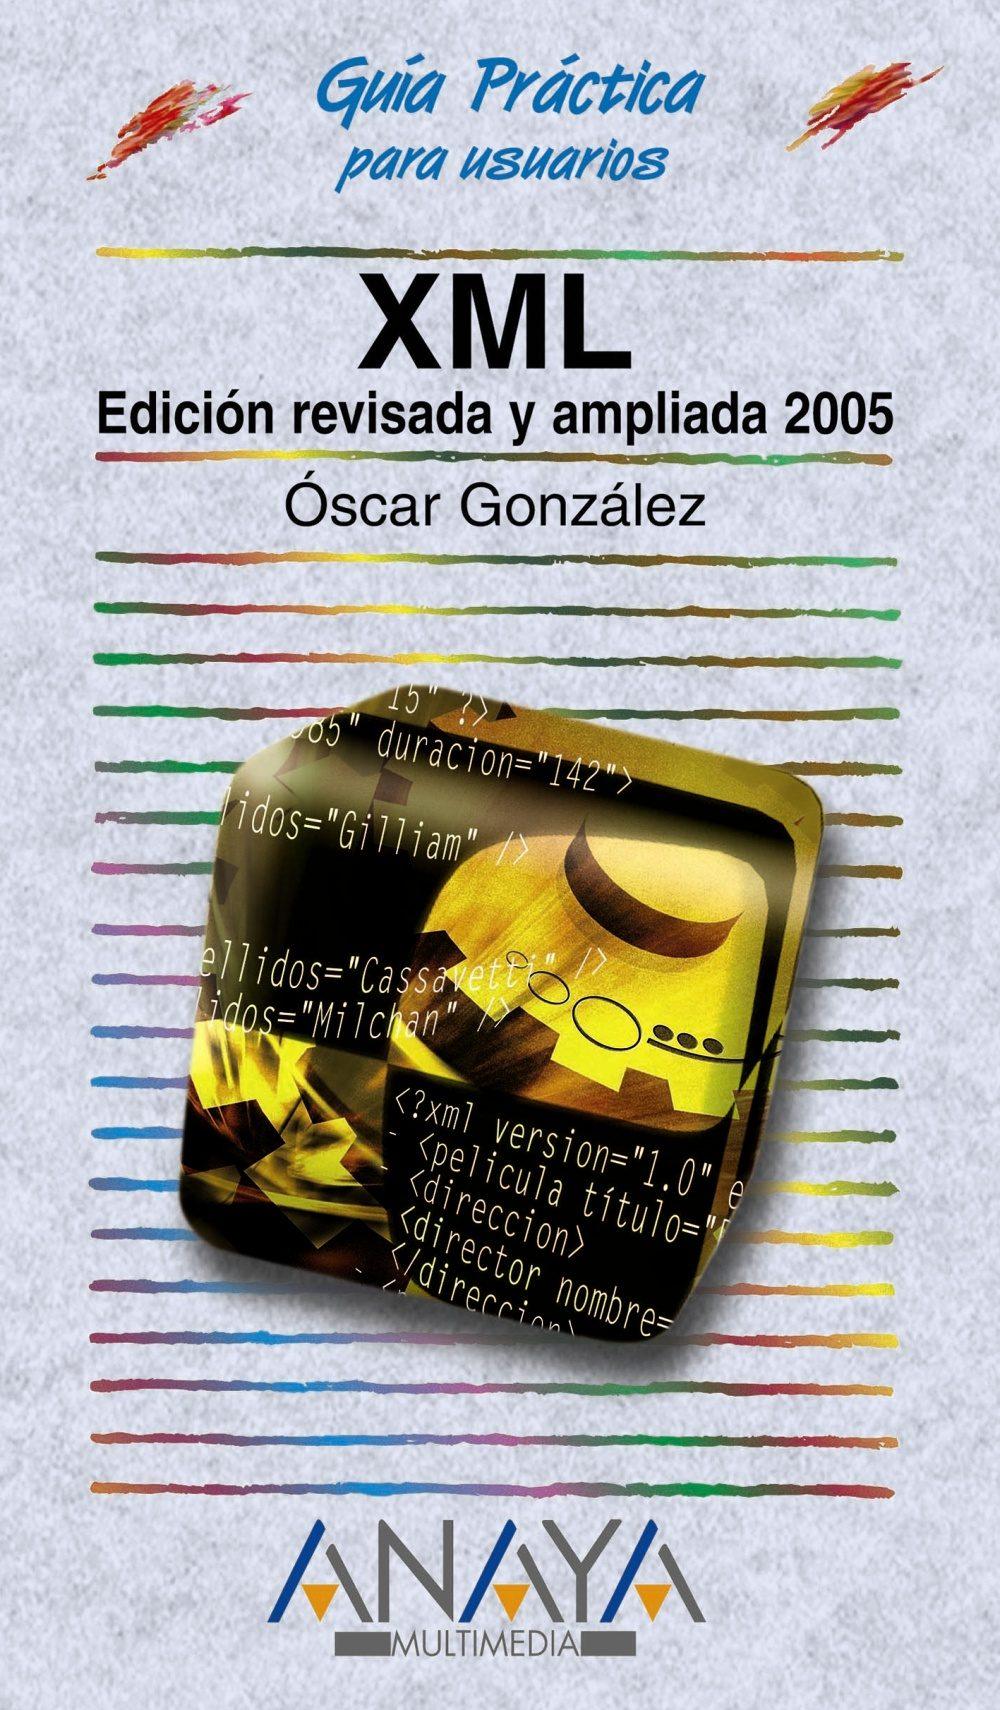 Xml (edicion Revisada Y Ampliada 2005) (guia Practica Para Usuari Os) por Oscar Gonzalez epub